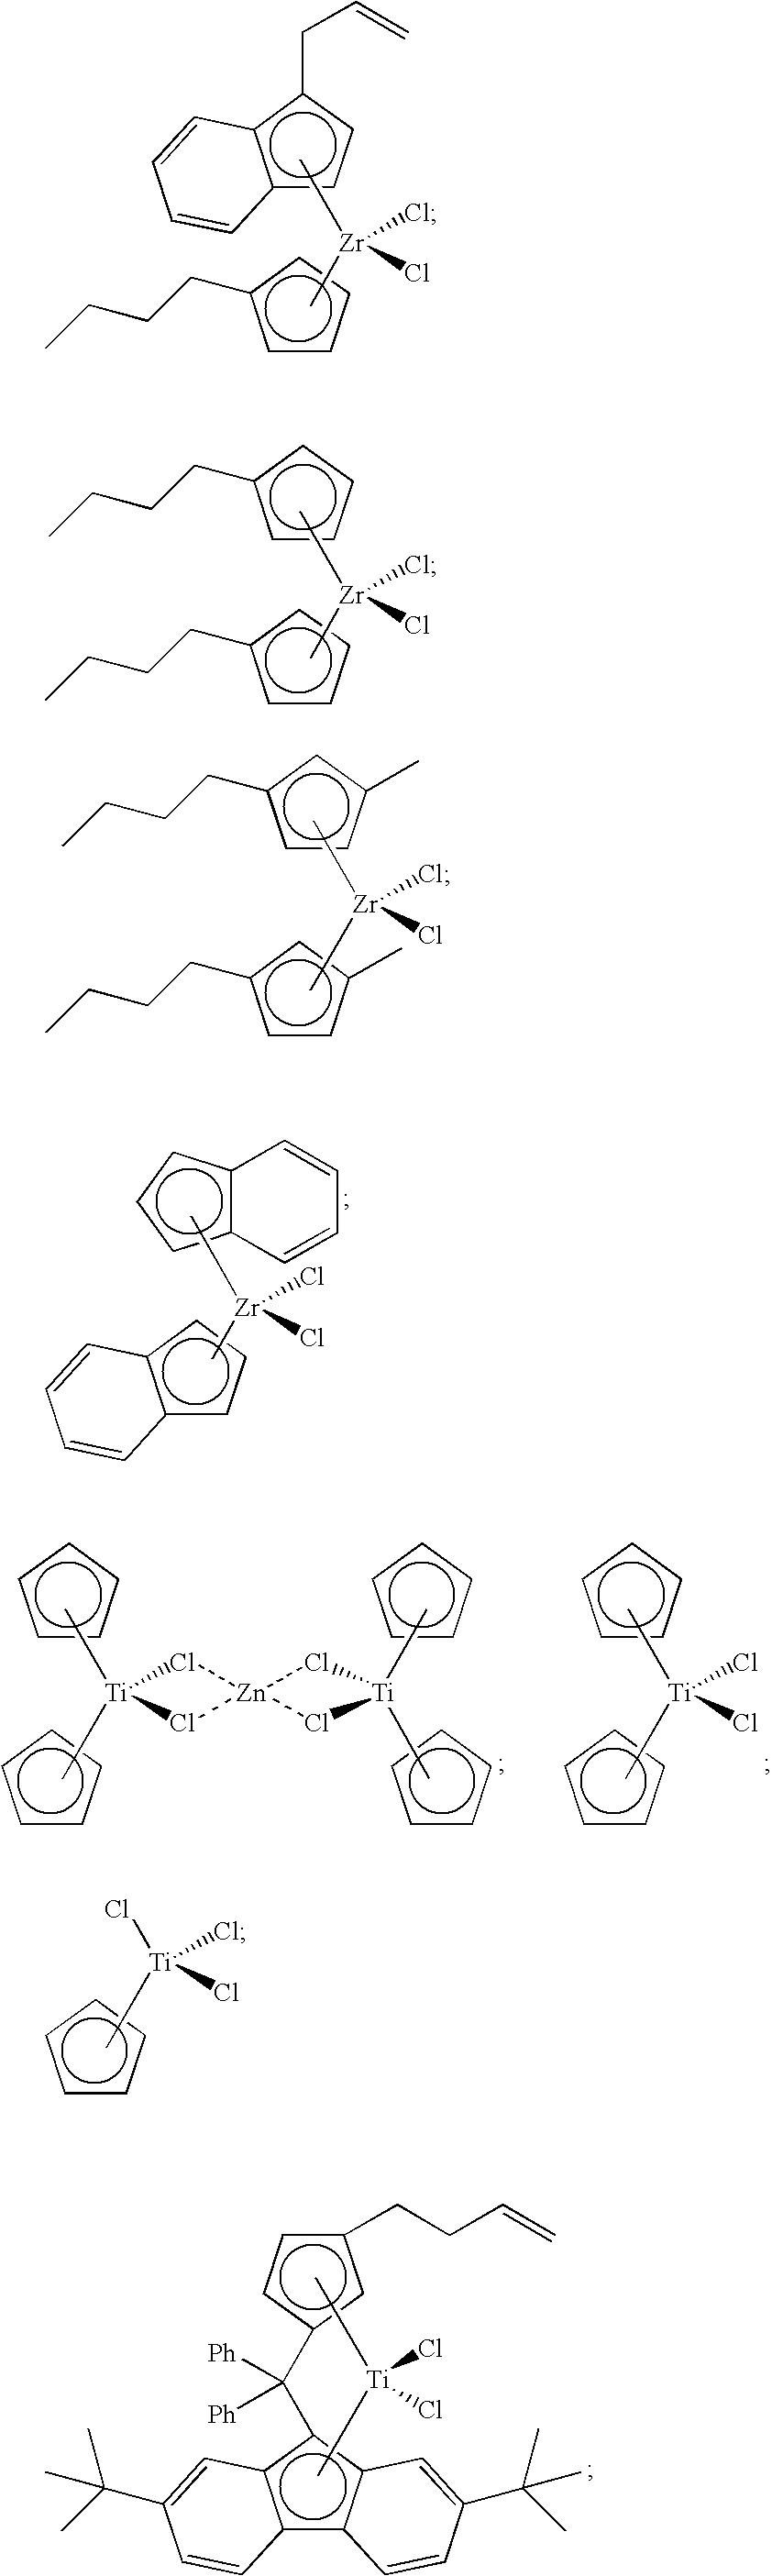 Figure US20100331505A1-20101230-C00040